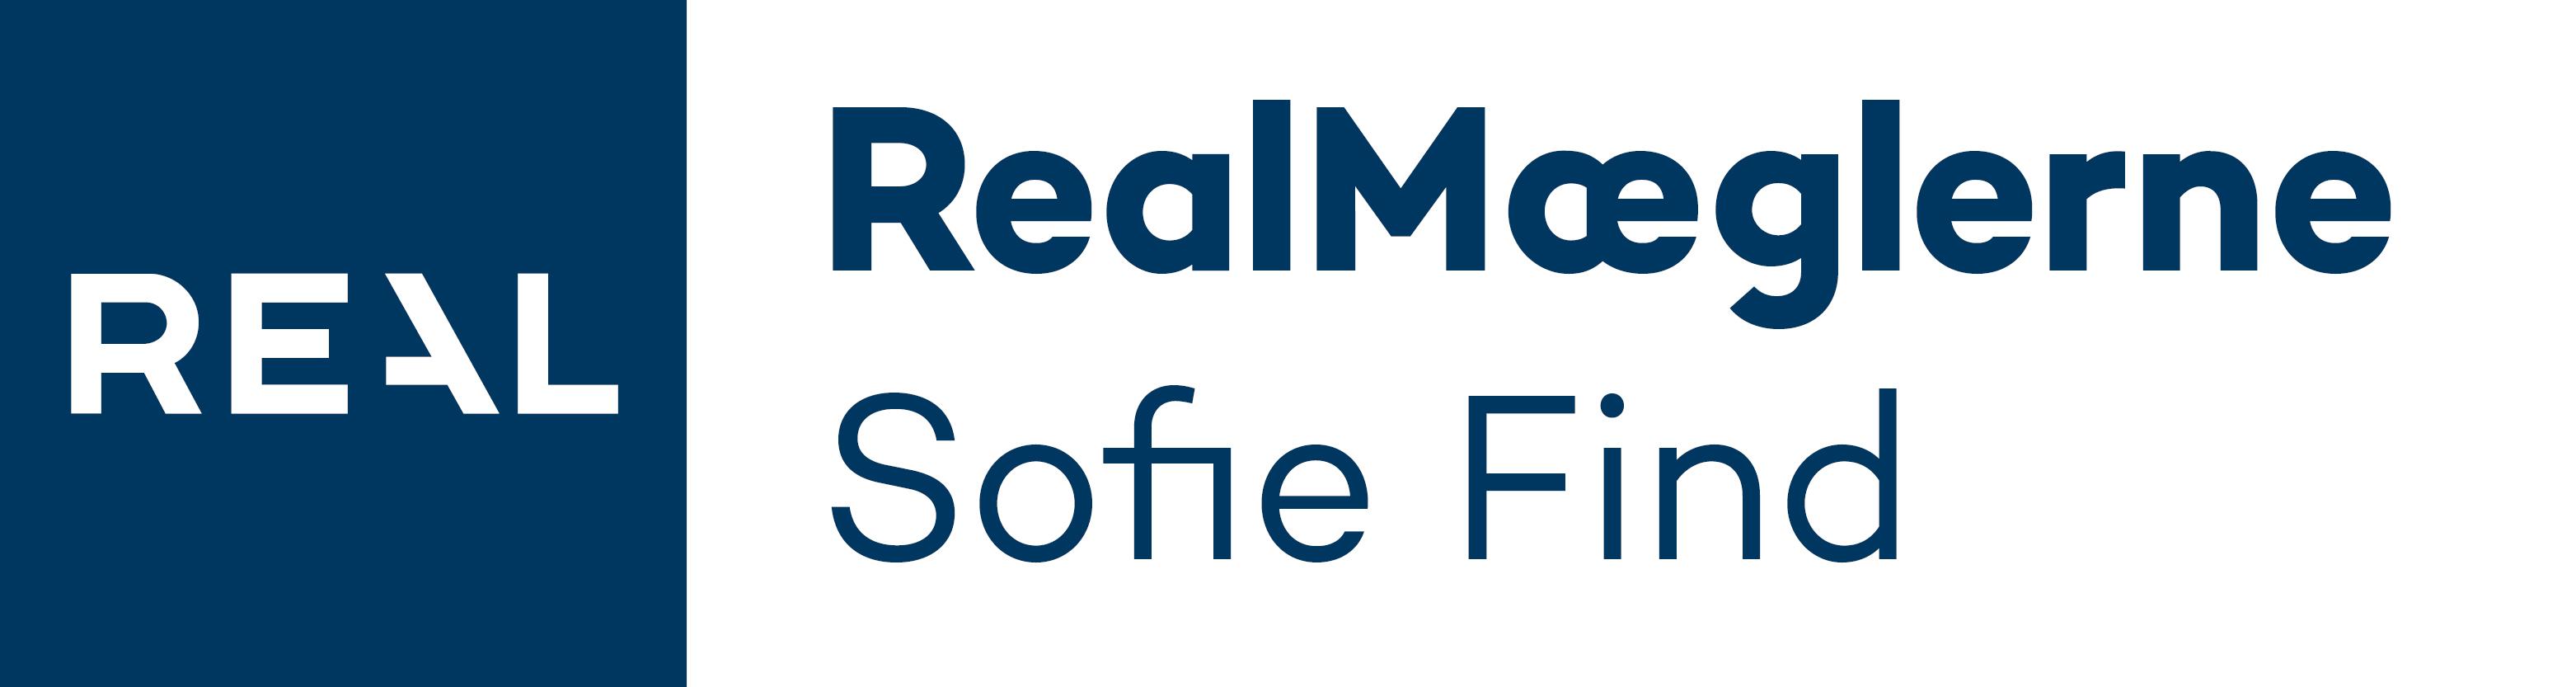 Realmaeglerne Sofie Find logo